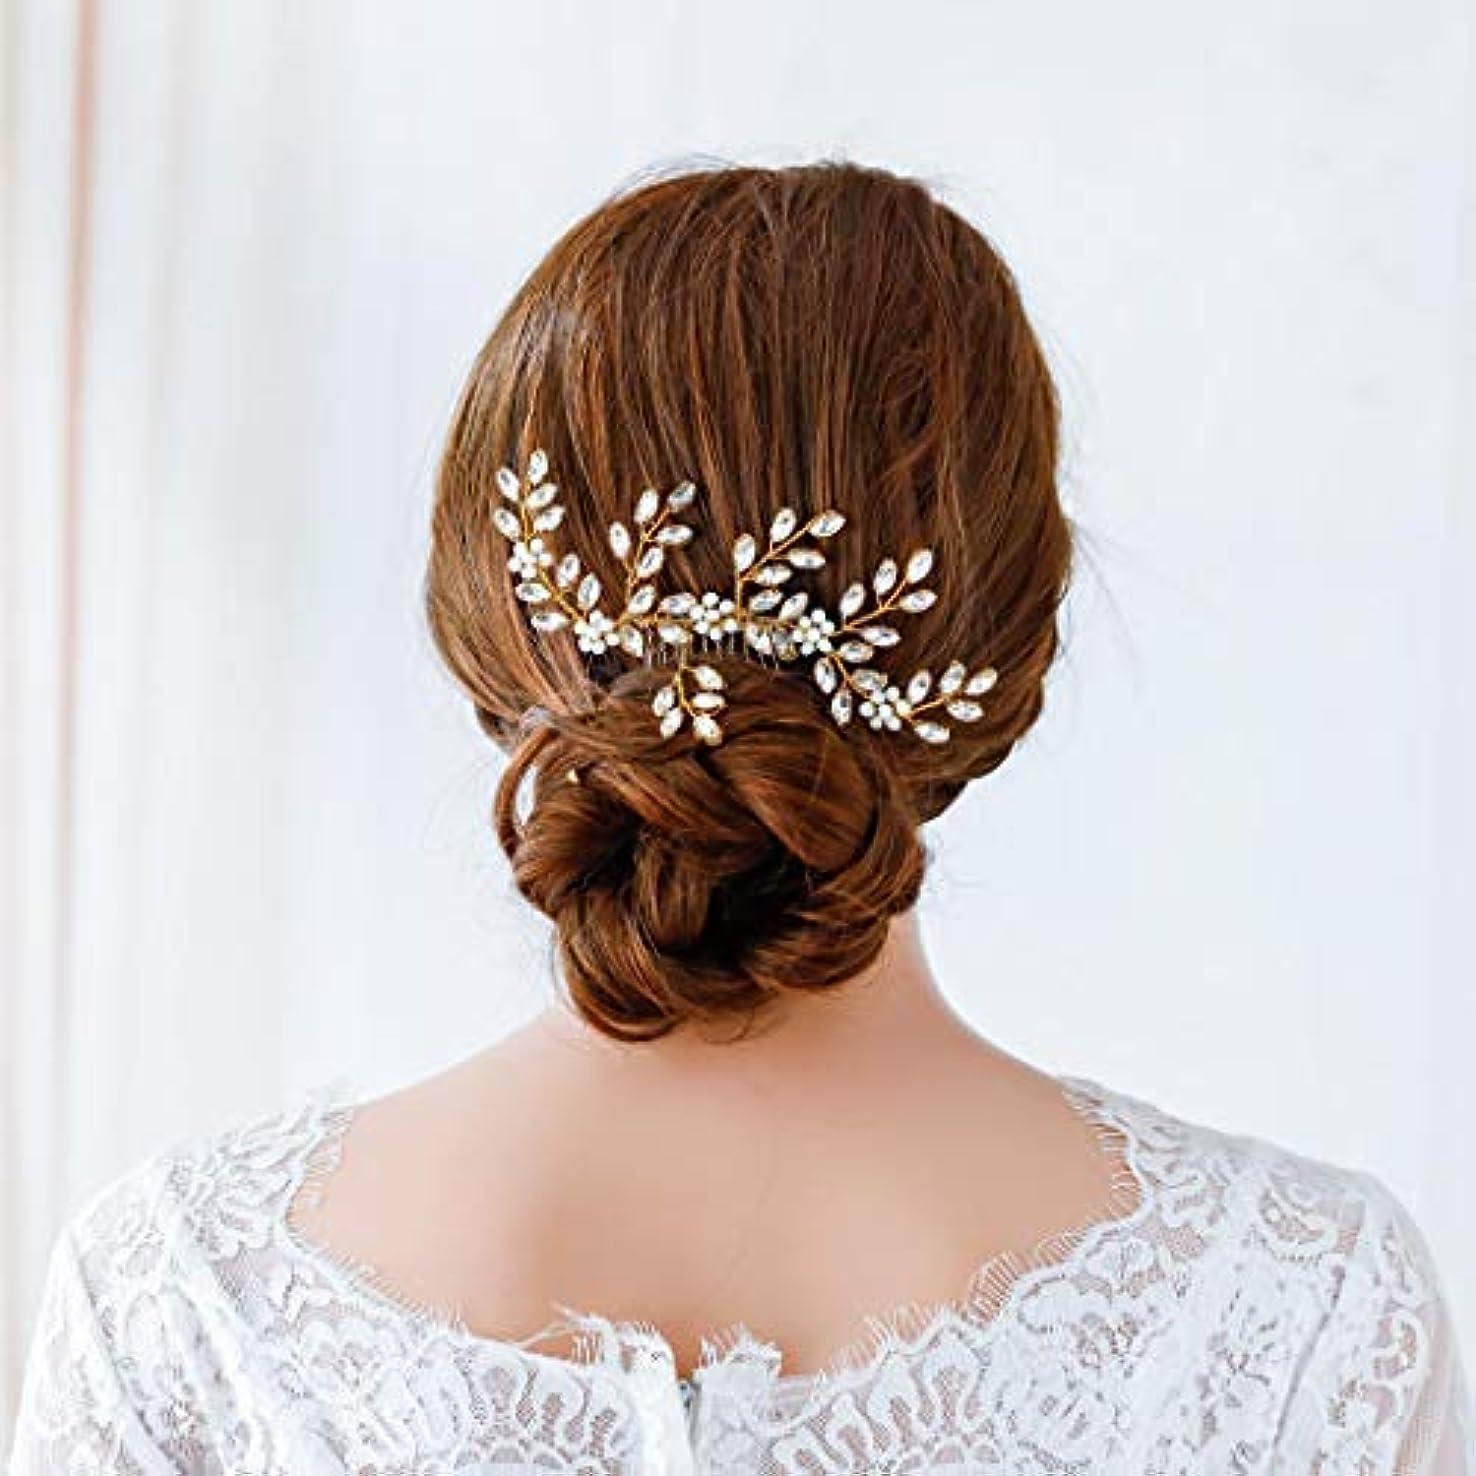 なかなか飛躍フォーラムJovono Bride Wedding Hair Comb Bridal Crystal Hair Accessories Beaded Headpieces for Women and Girls (Gold) [並行輸入品]